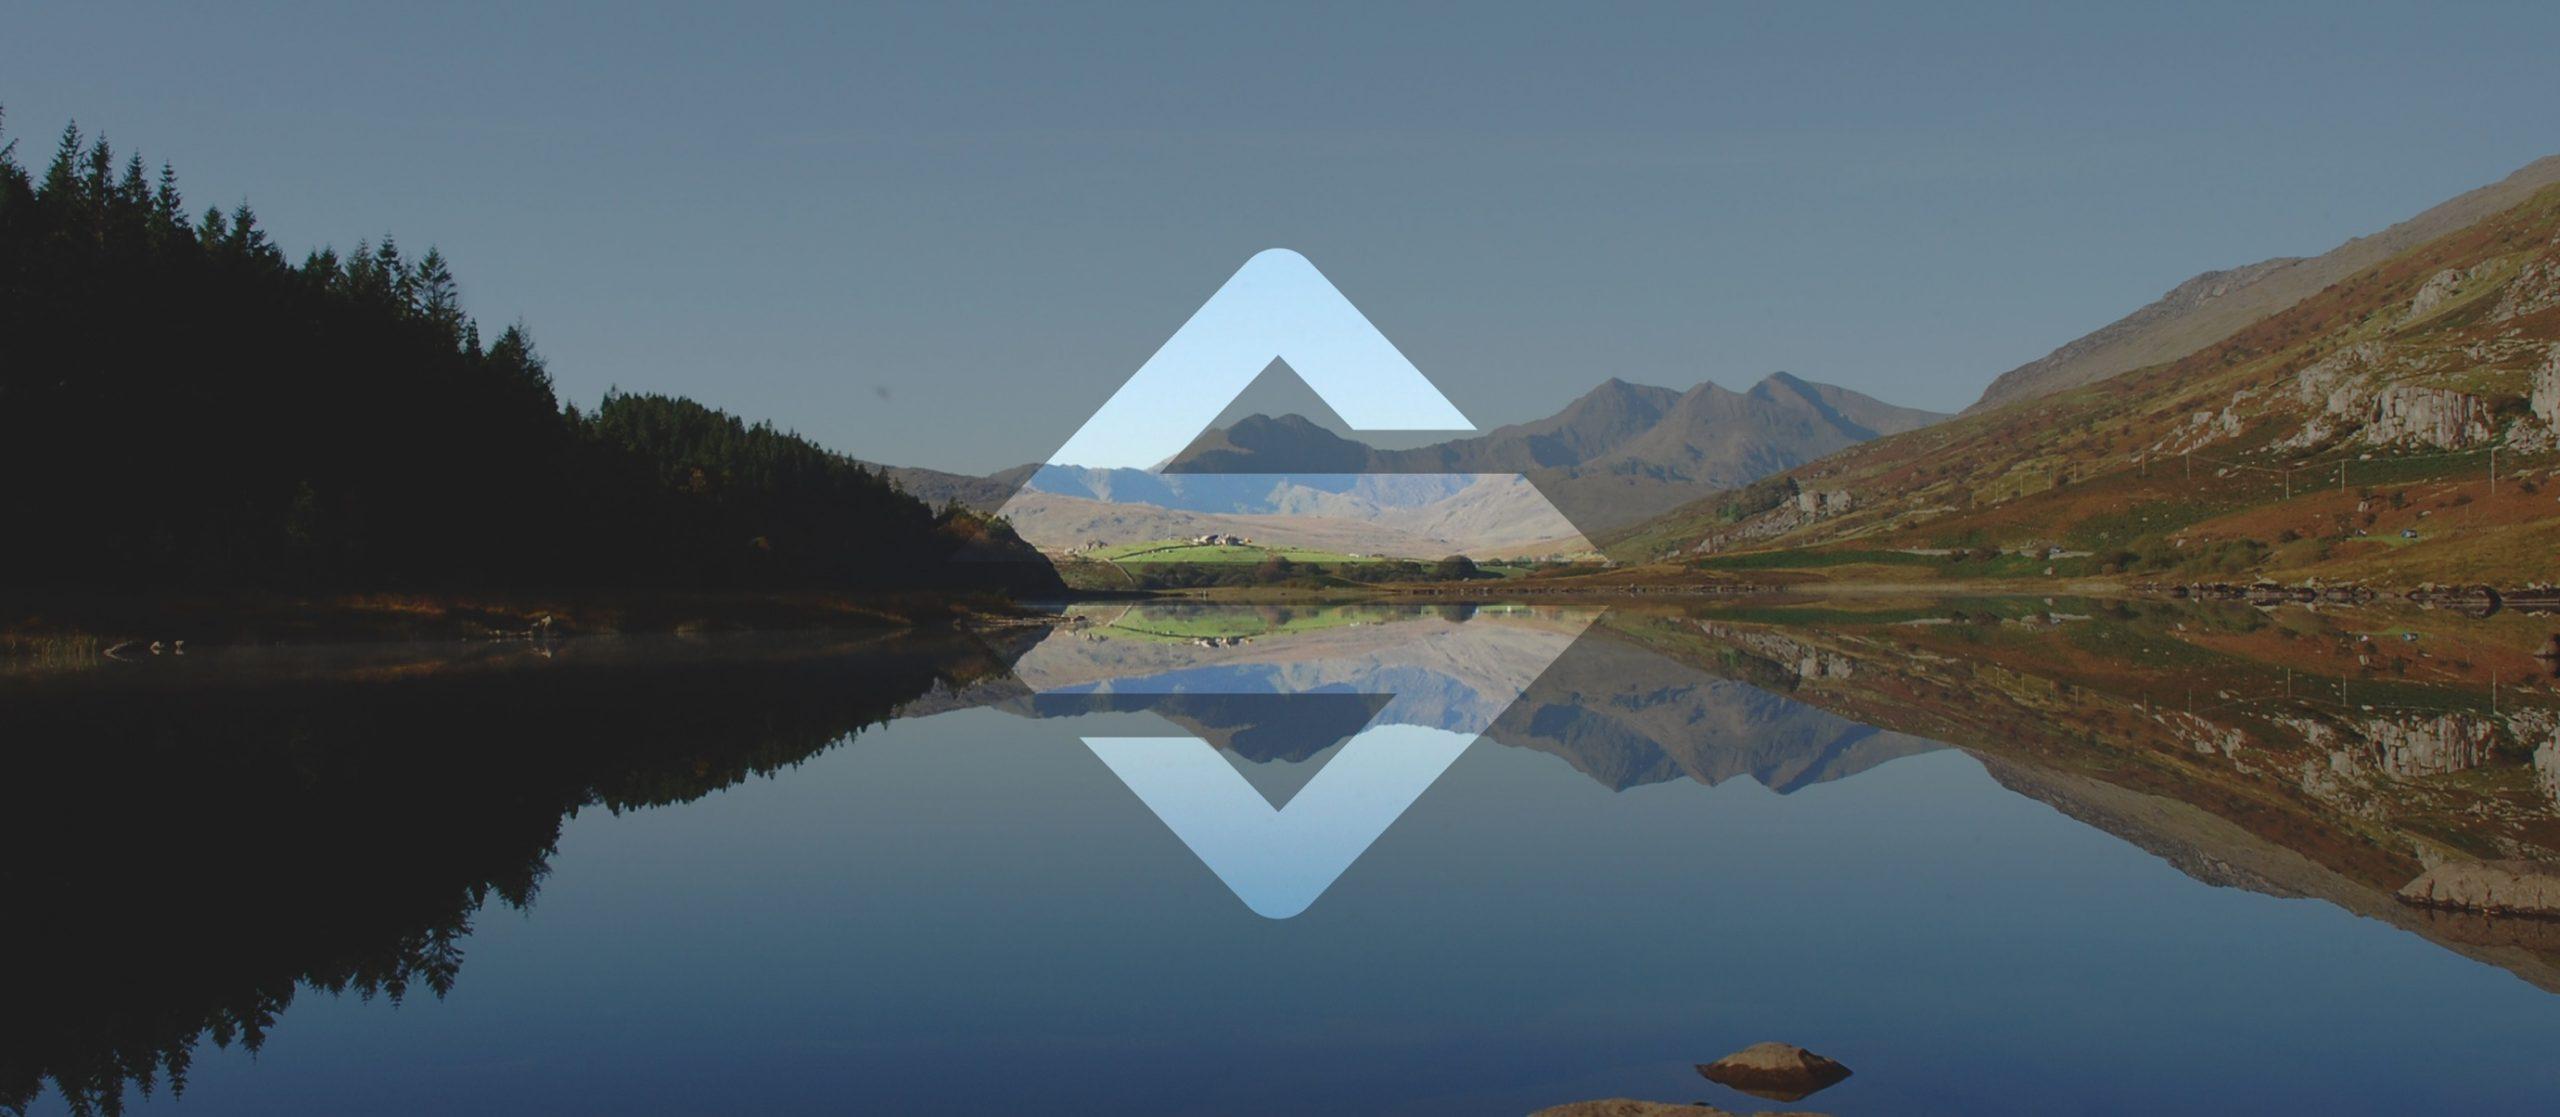 Plas Y Brenin (PYB)logo overlaying a landscape